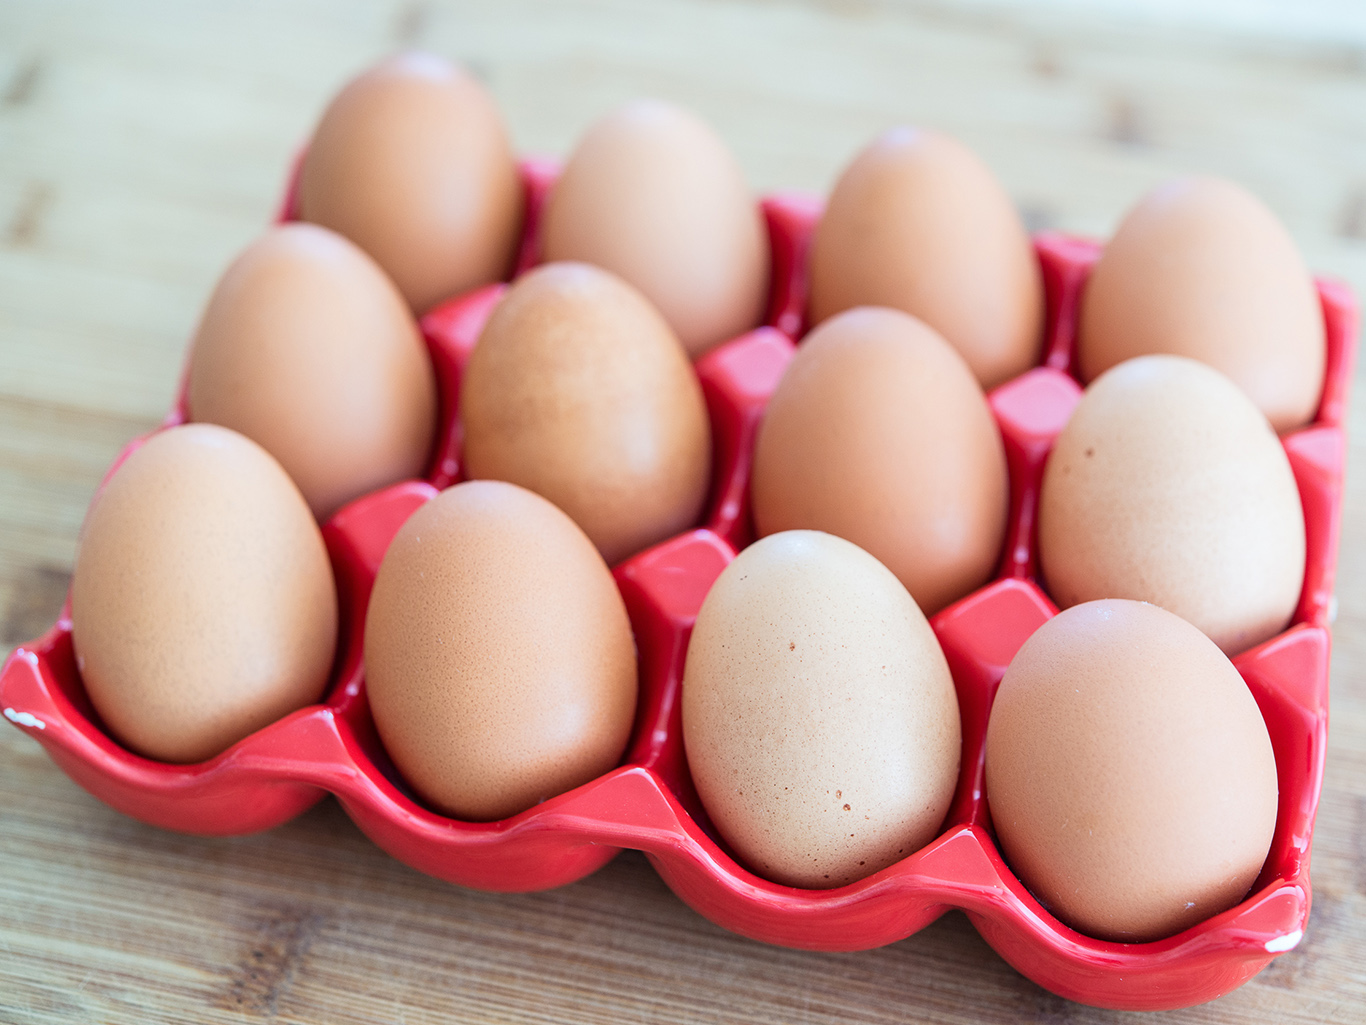 Поддельные продукты, которые могут подпортить ваше здоровье. Избегайте фальшивок.